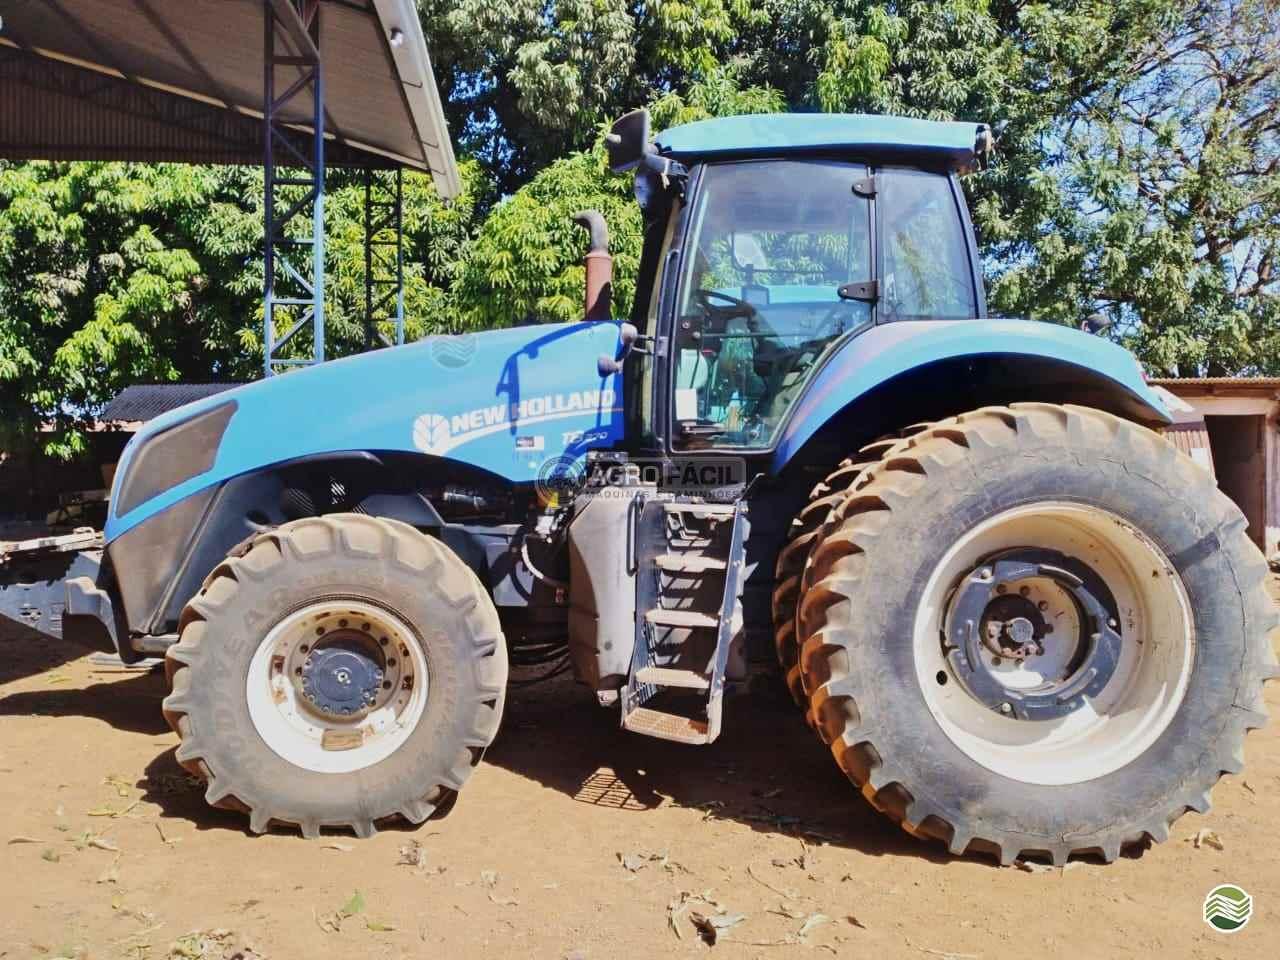 TRATOR NEW HOLLAND NEW T8 270 Tração 4x4 Agro Fácil Máquinas PRIMAVERA DO LESTE MATO GROSSO MT